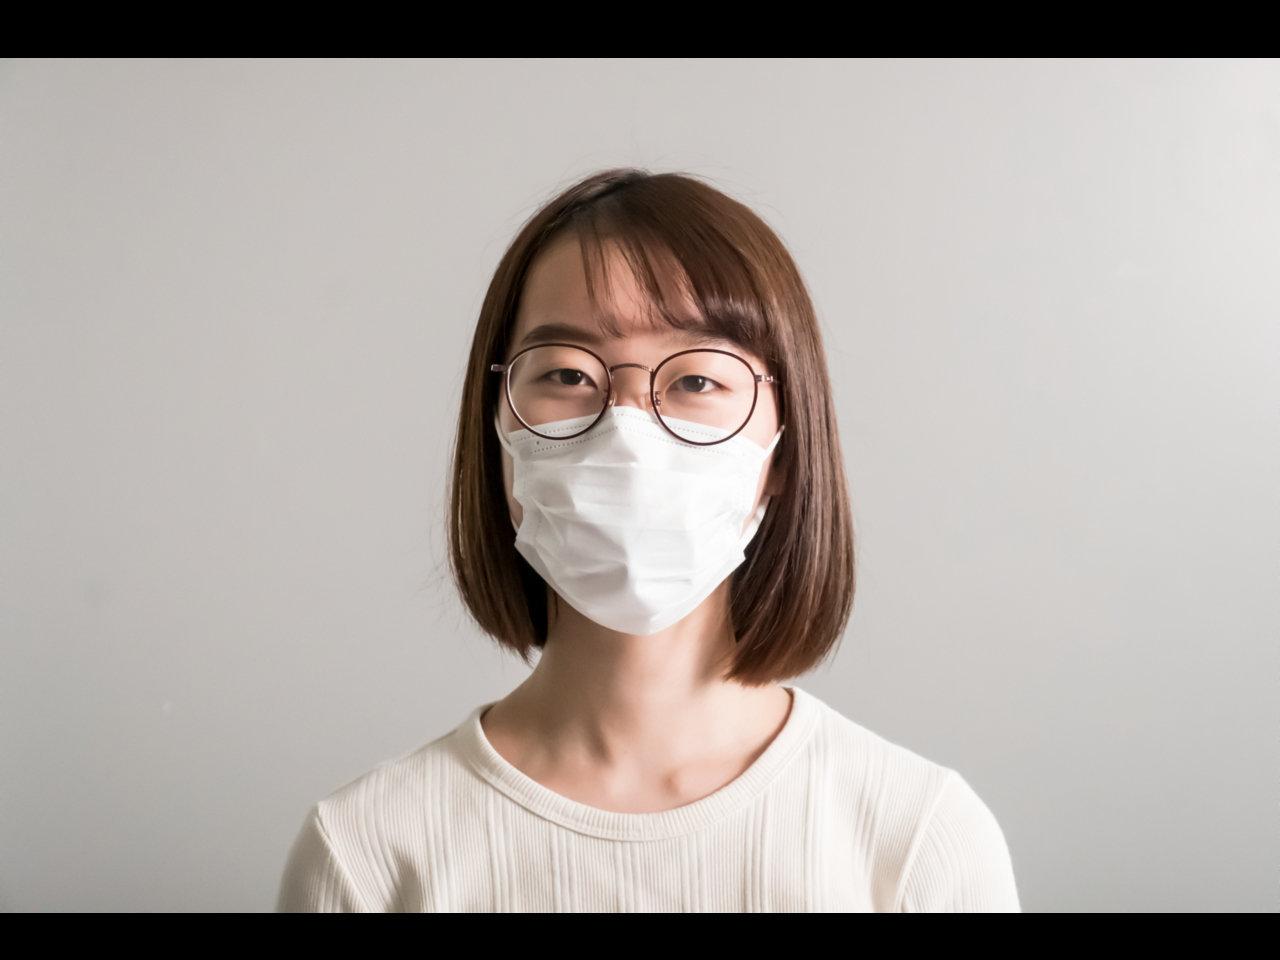 伊藤園の茶殻入りな、サステナブルなタイプと女性に嬉しい小さめサイズのマスクフレーム販売開始。